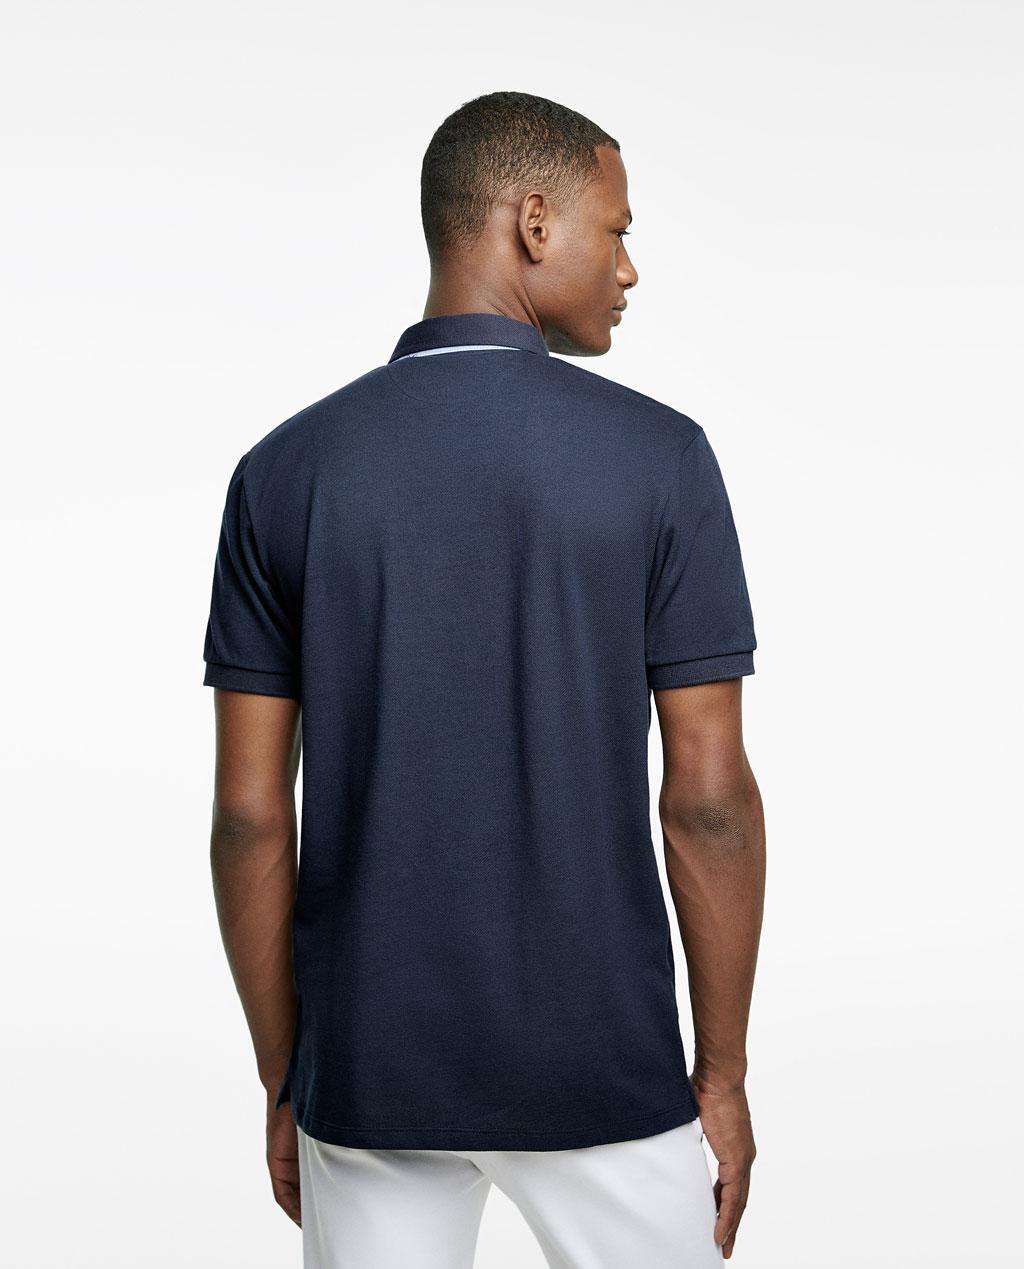 Thời trang nam Zara  23905 - ảnh 5